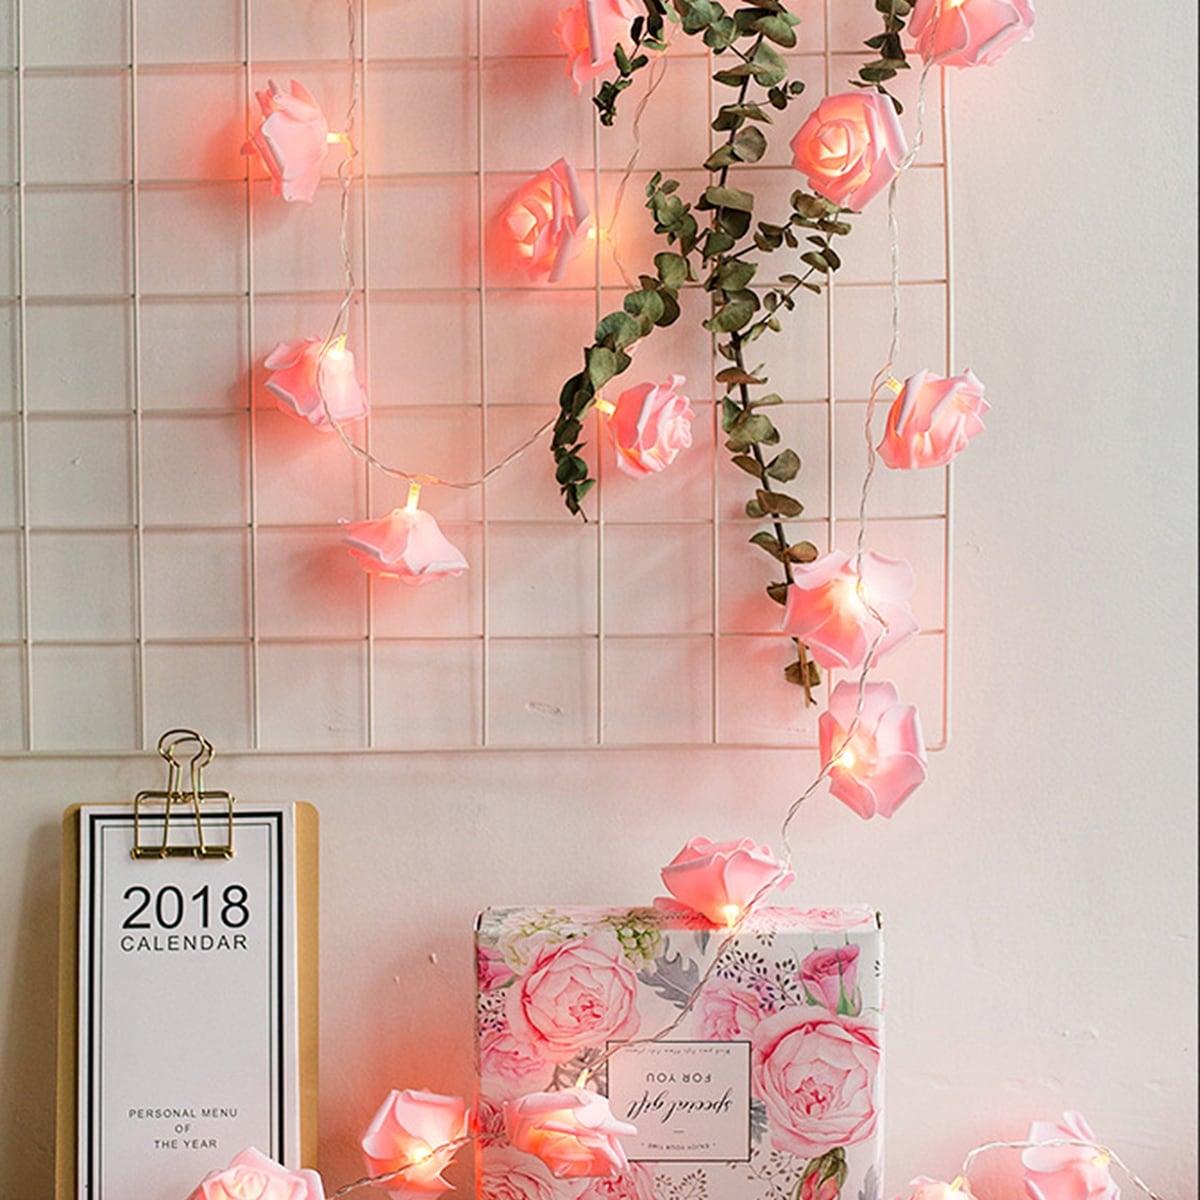 SHEIN / Schnurlicht mit 10 Stücken Blumen förmigen Birnen